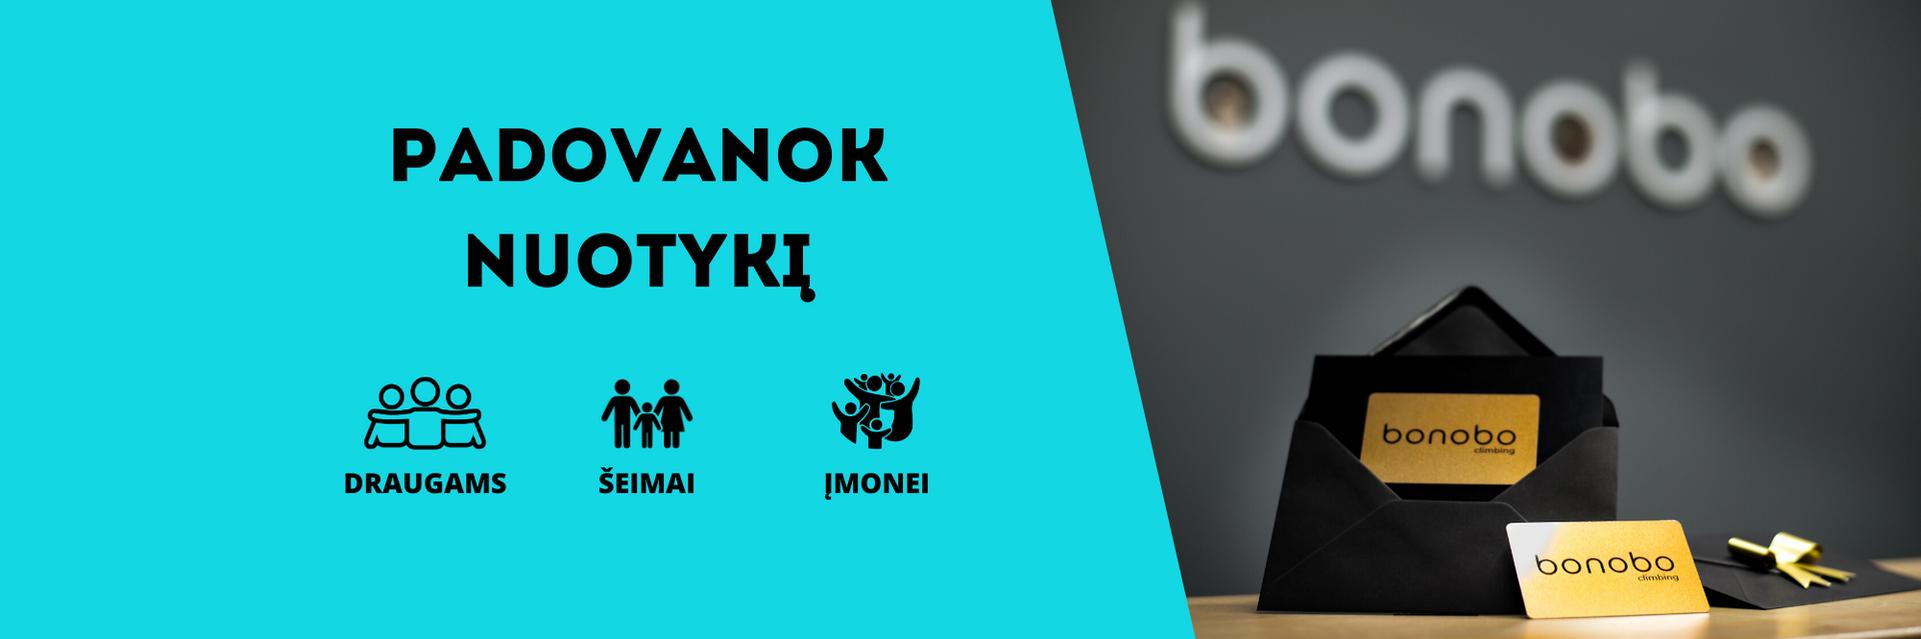 PADOVANOK NUOTYKį-2.png